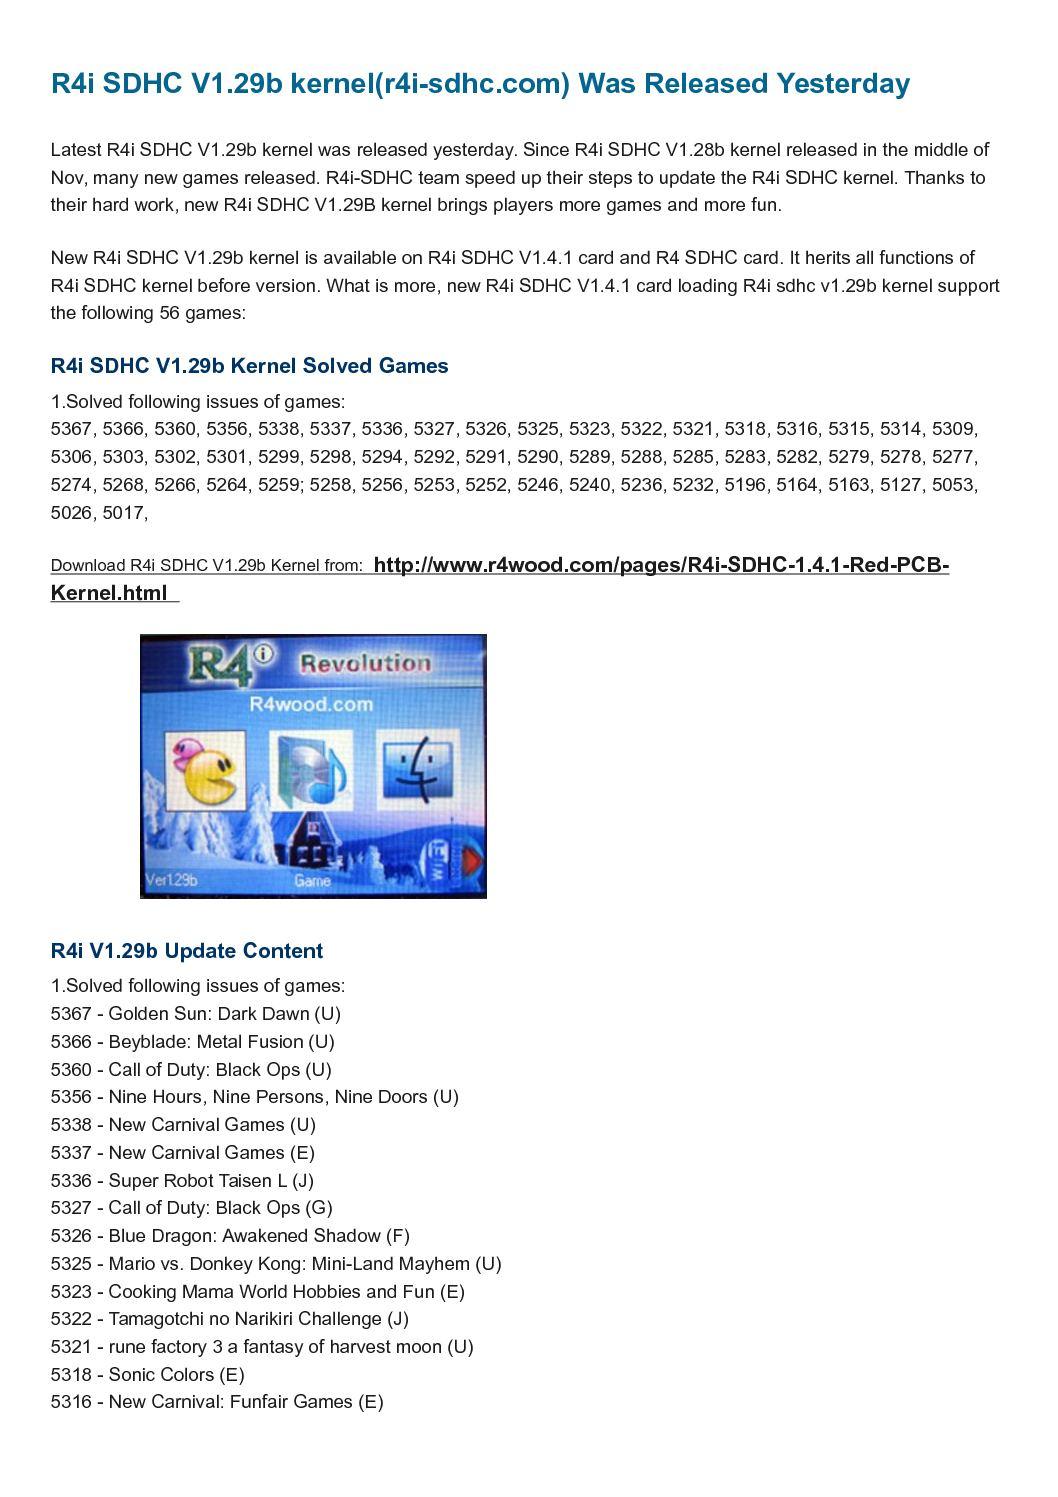 Calaméo - R4i SDHC 1 29b kernel (www r4i-sdhc com) Released for R4I